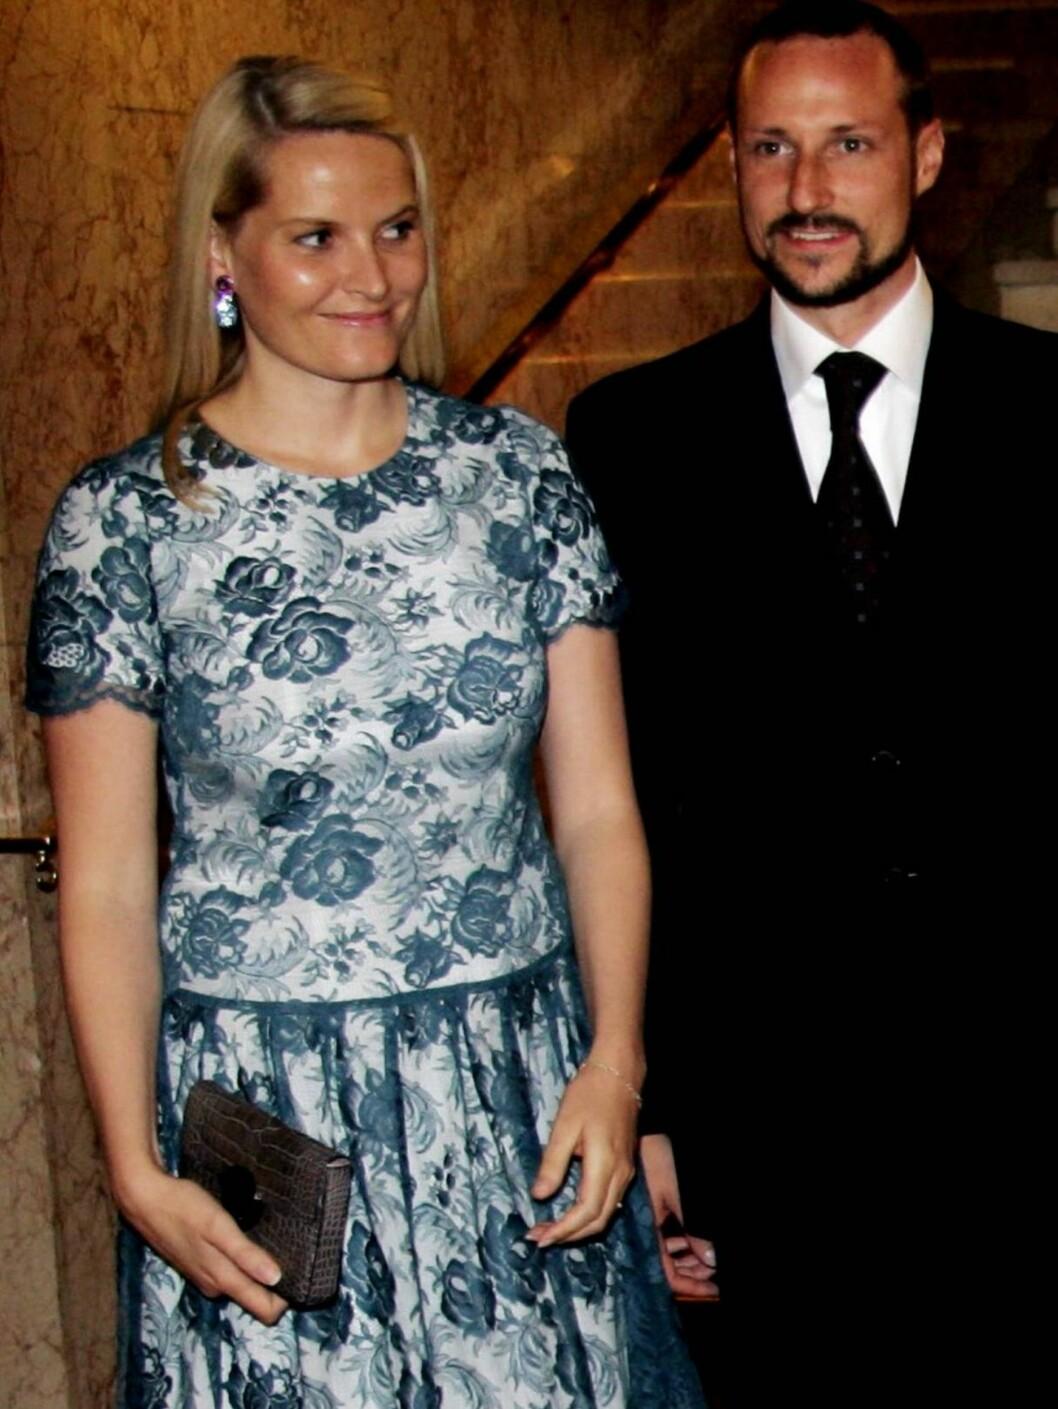 <strong>FIKK REAKSJONER:</strong> I følge svenskene ser Mette-Marits kjole ut som om den kommer fra Coops lagersalg. Hva syns du? Foto: SCANPIX